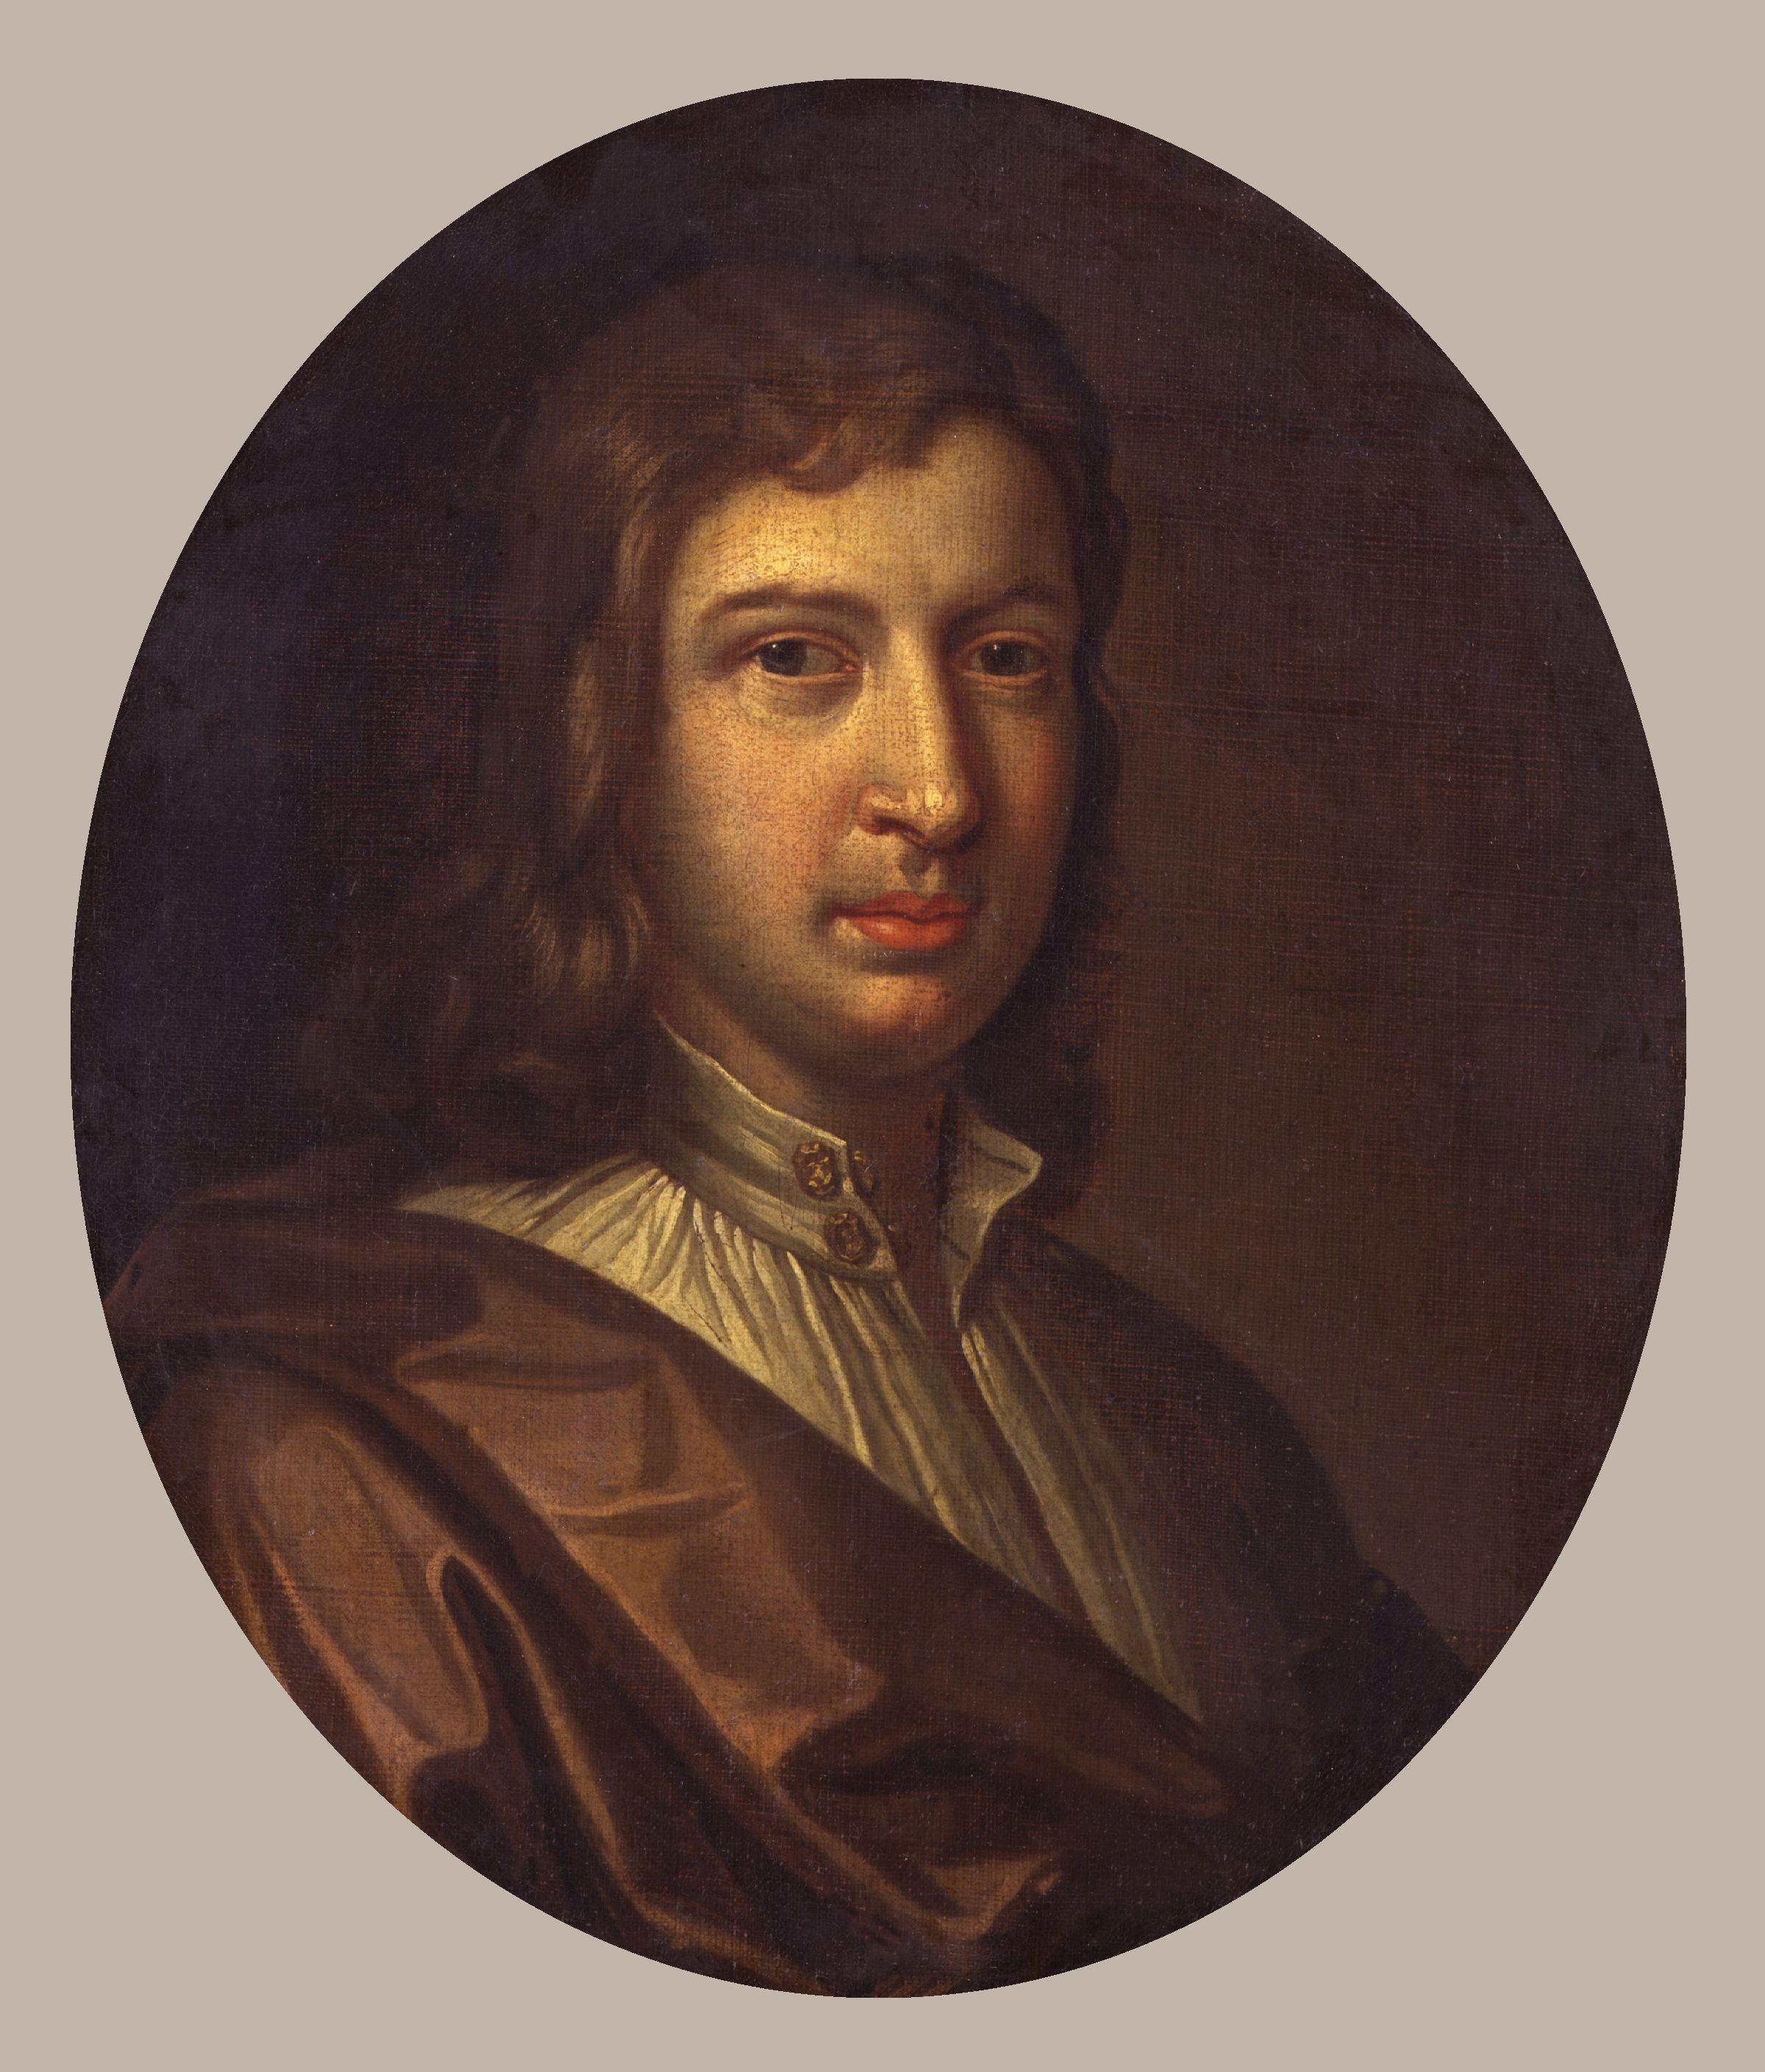 John Philips, circa 1700